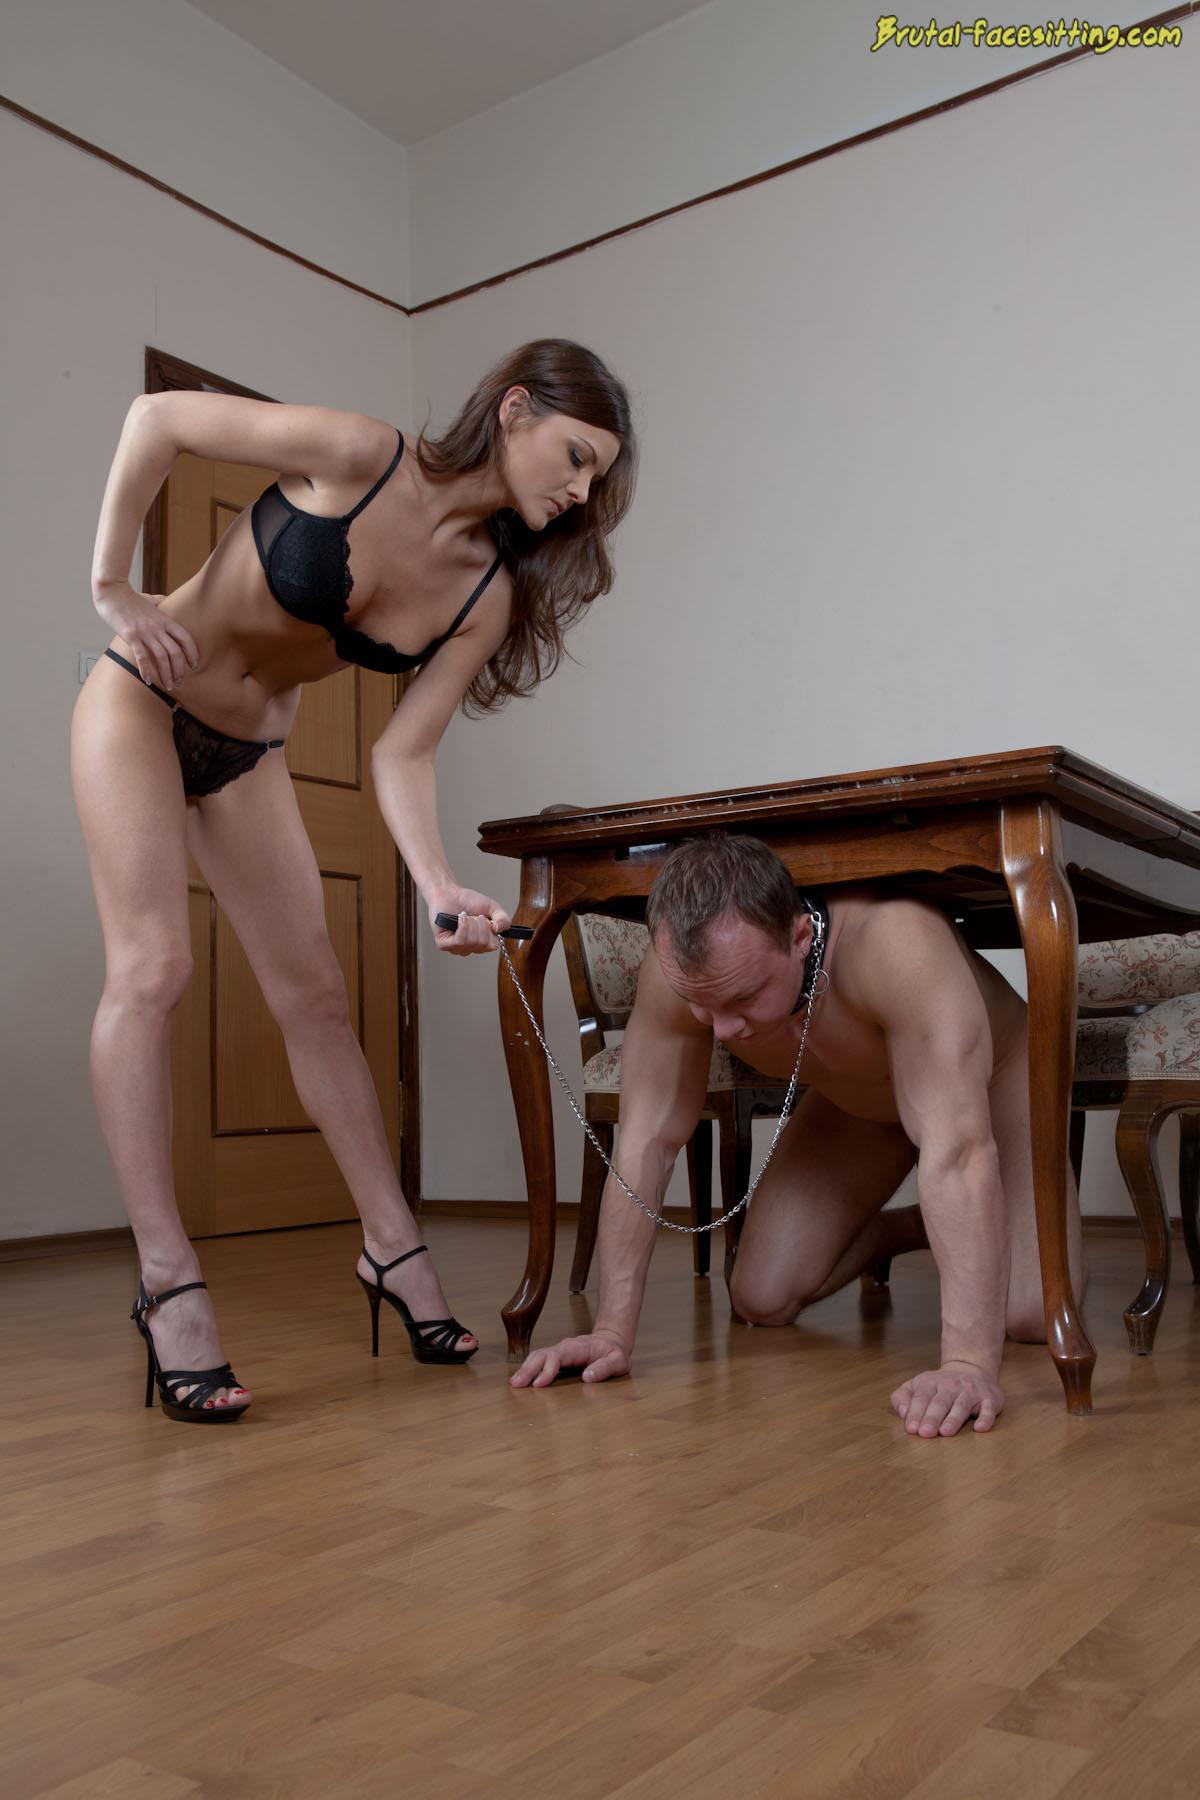 Унижение рабов онлайн порно